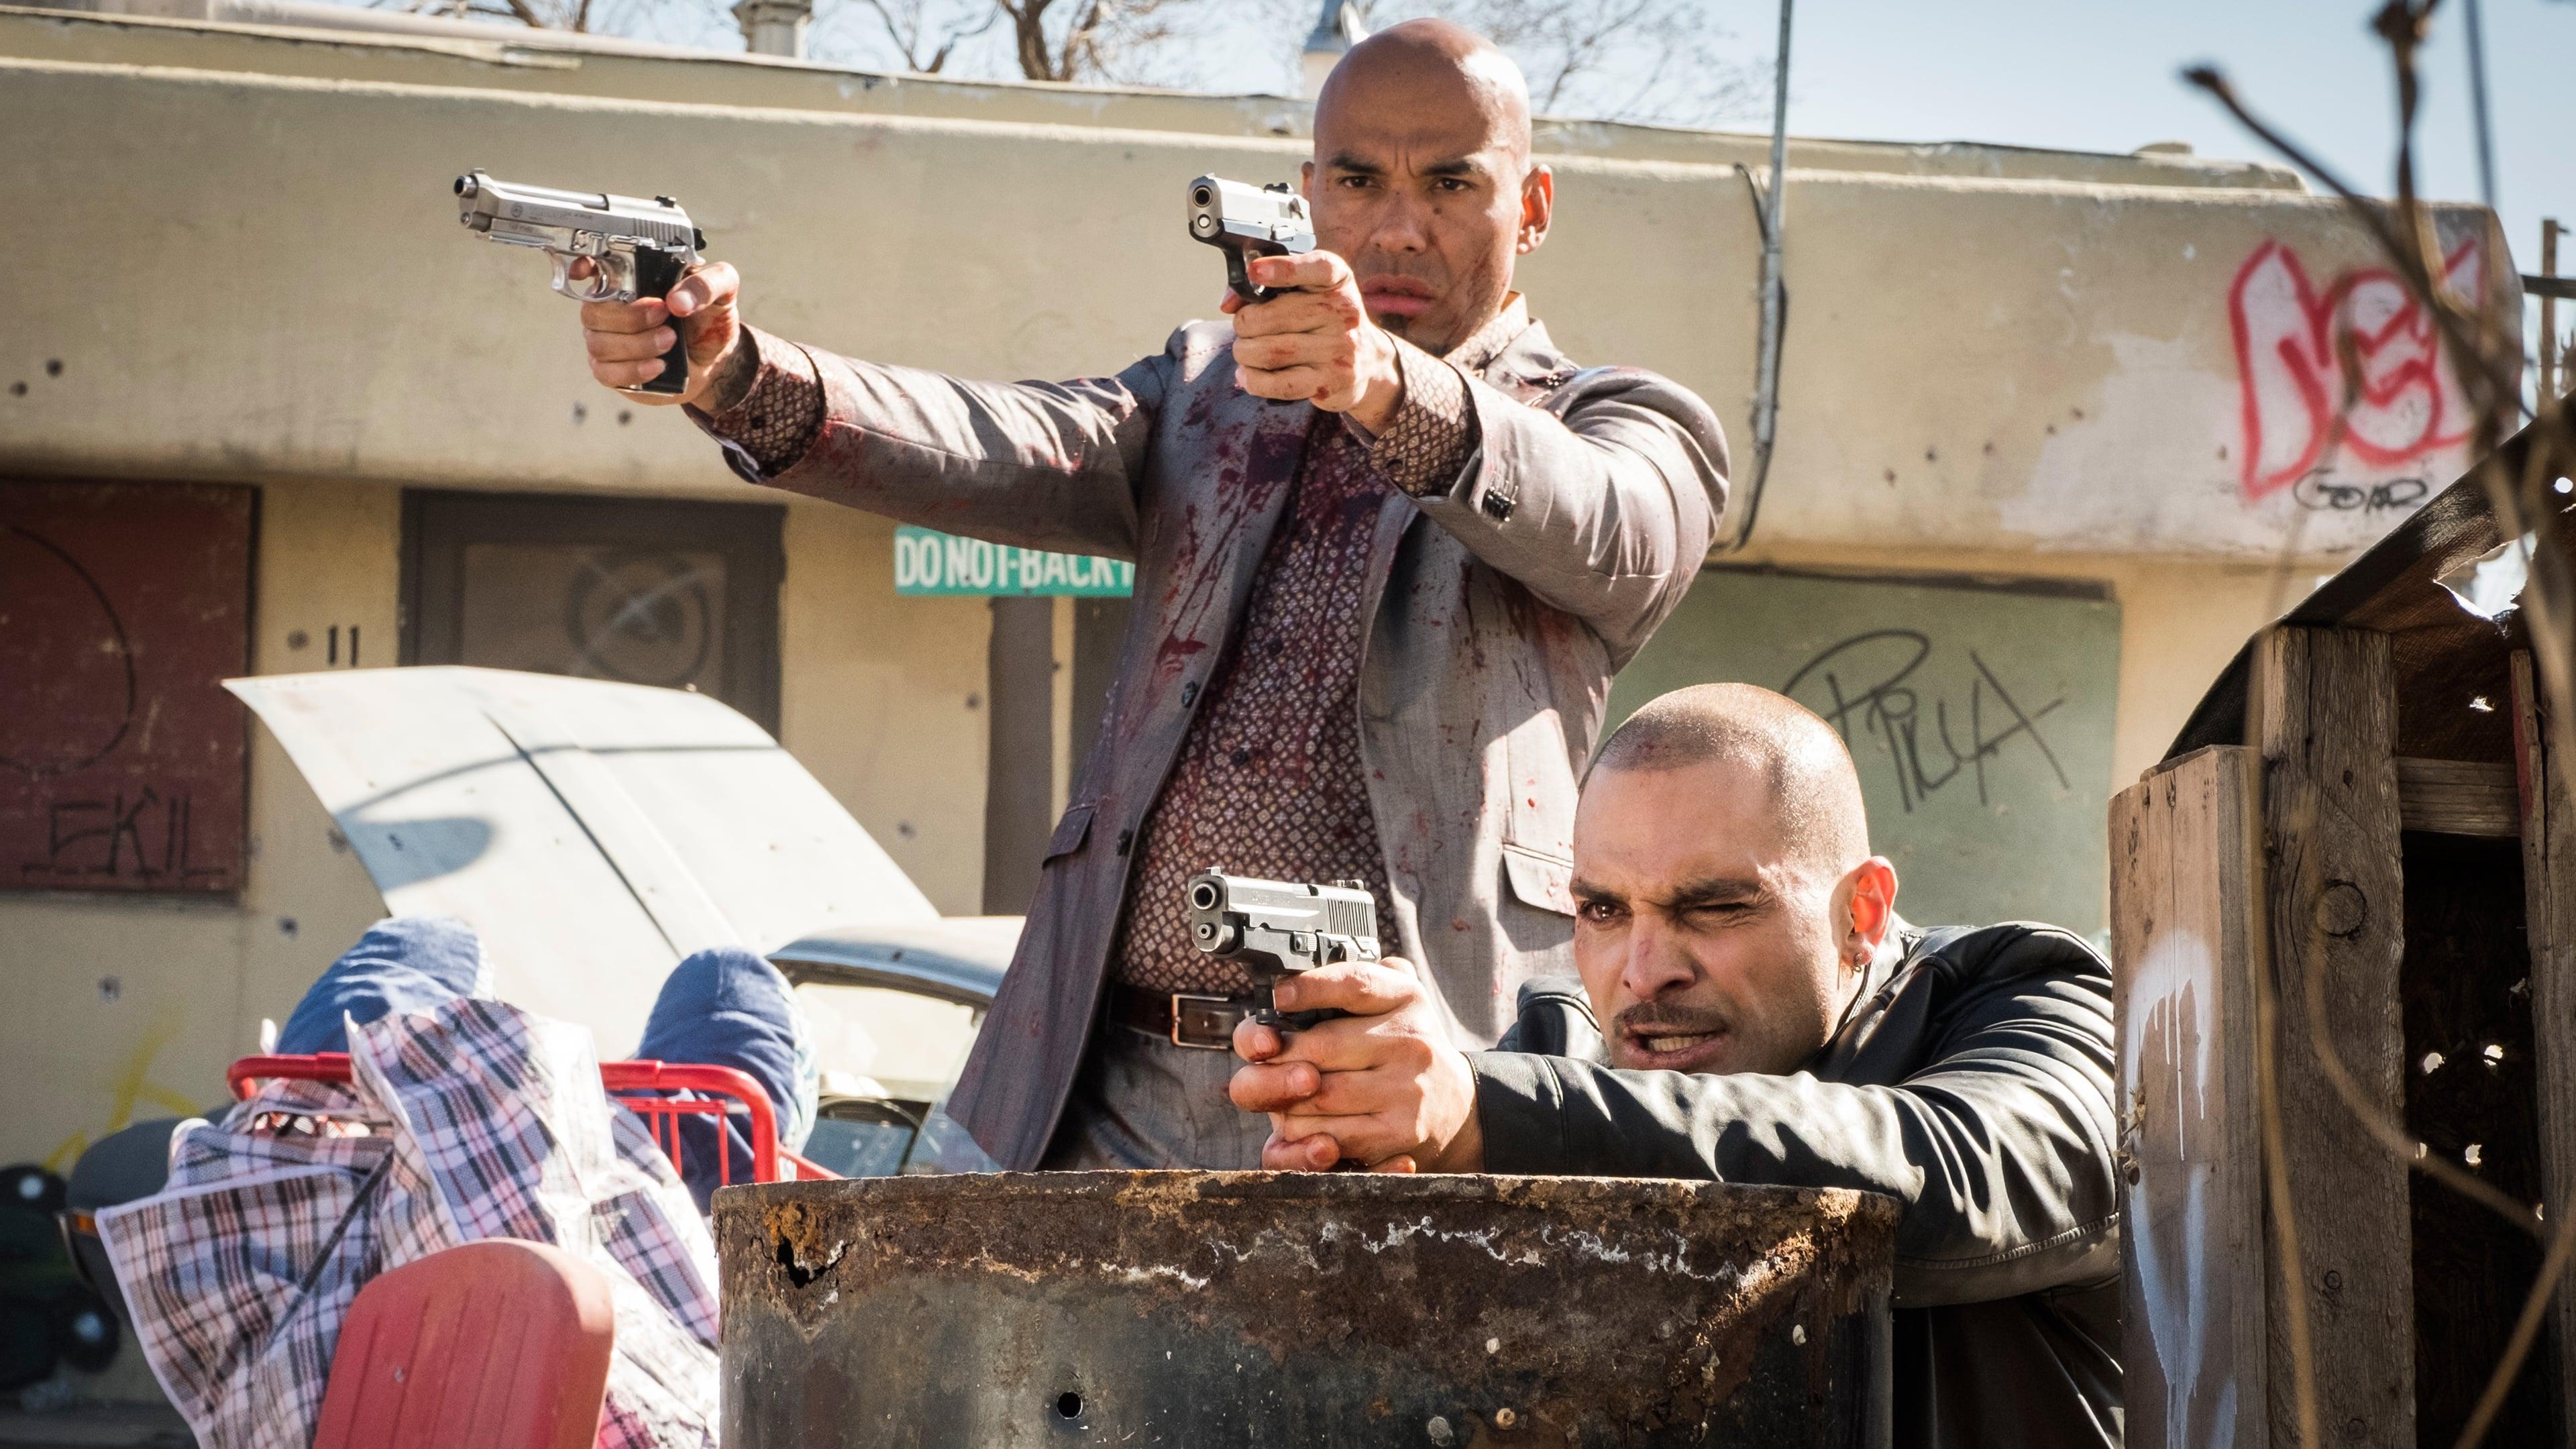 Better Call Saul - Season 4 Episode 4 : Talk